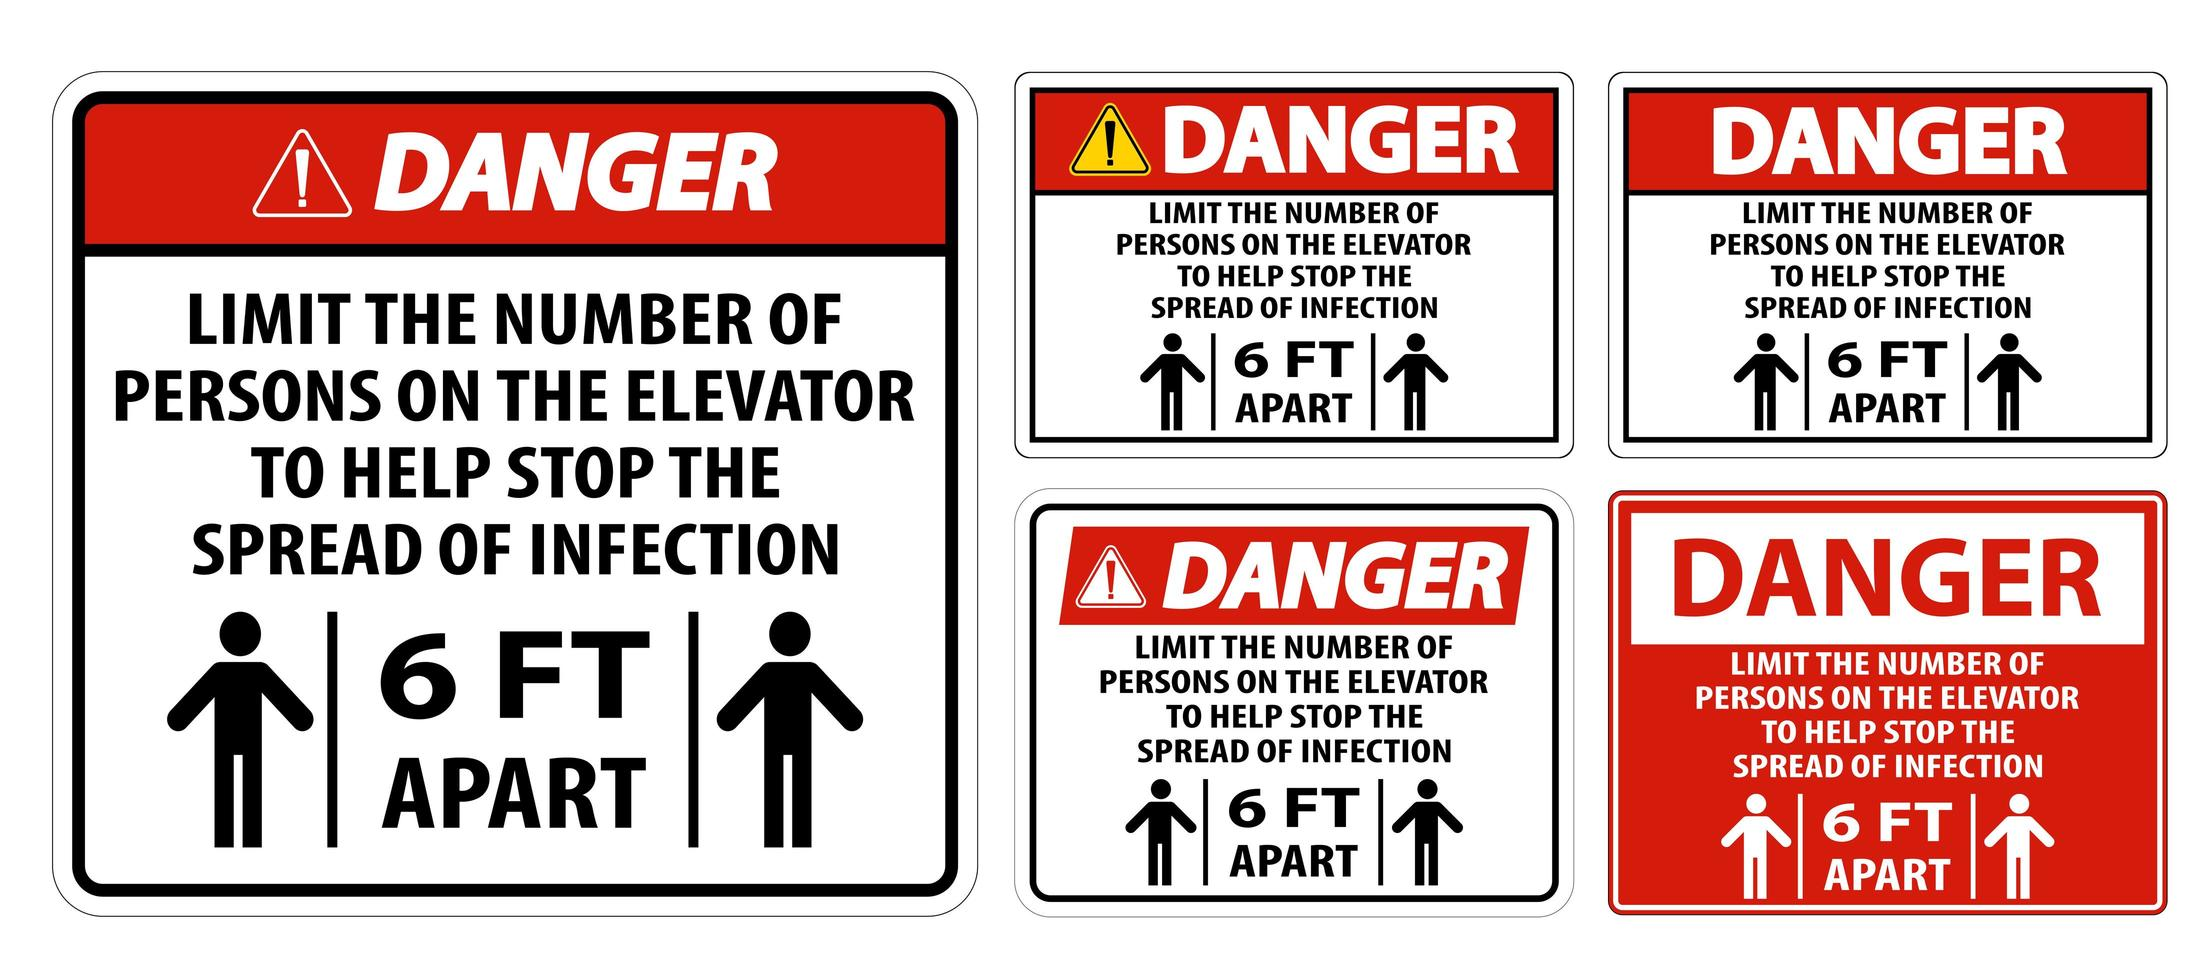 Ascenseur de danger signe de distance physique isoler sur fond blanc vecteur